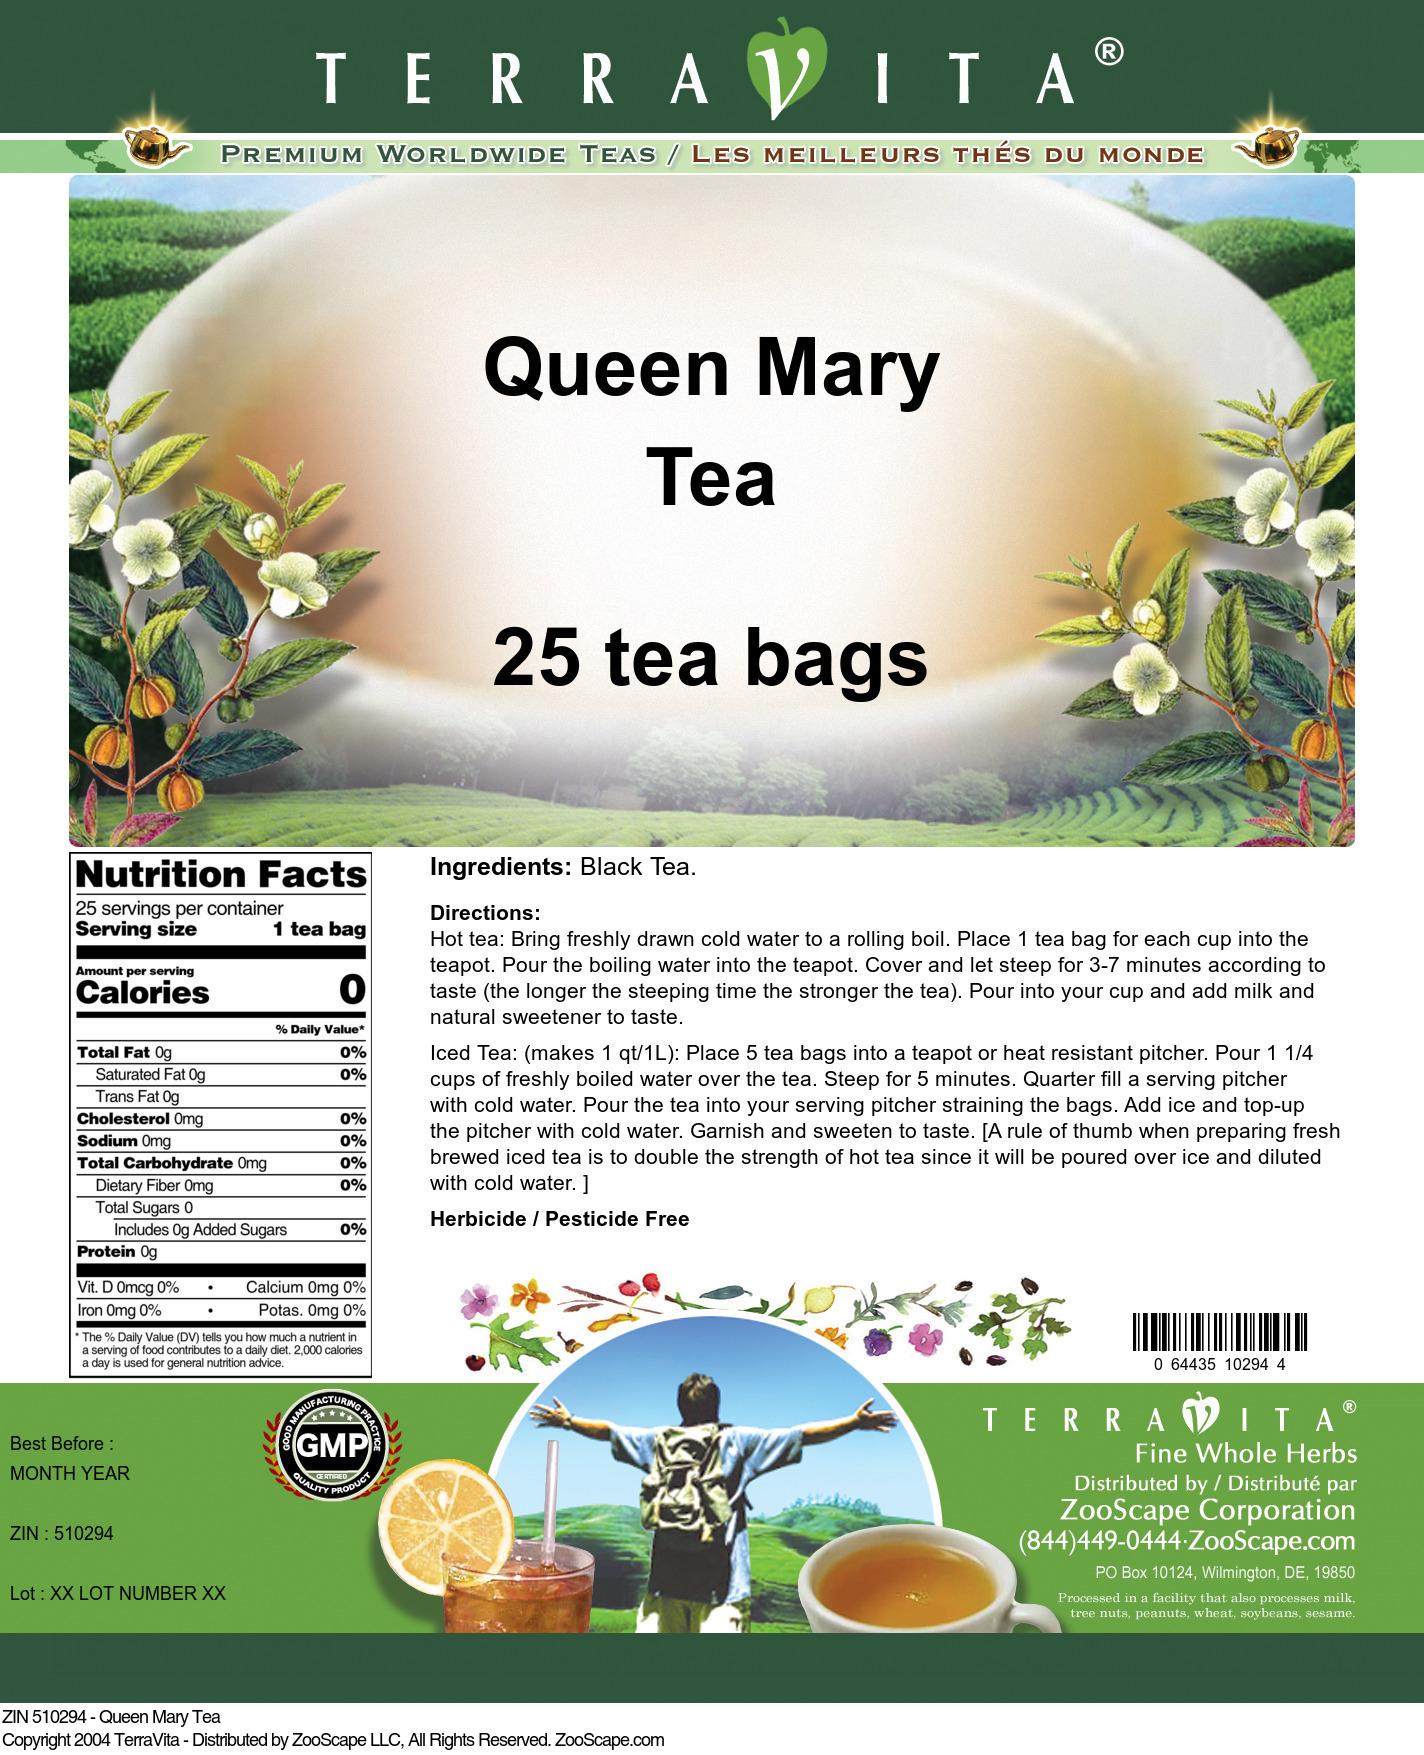 Queen Mary Tea